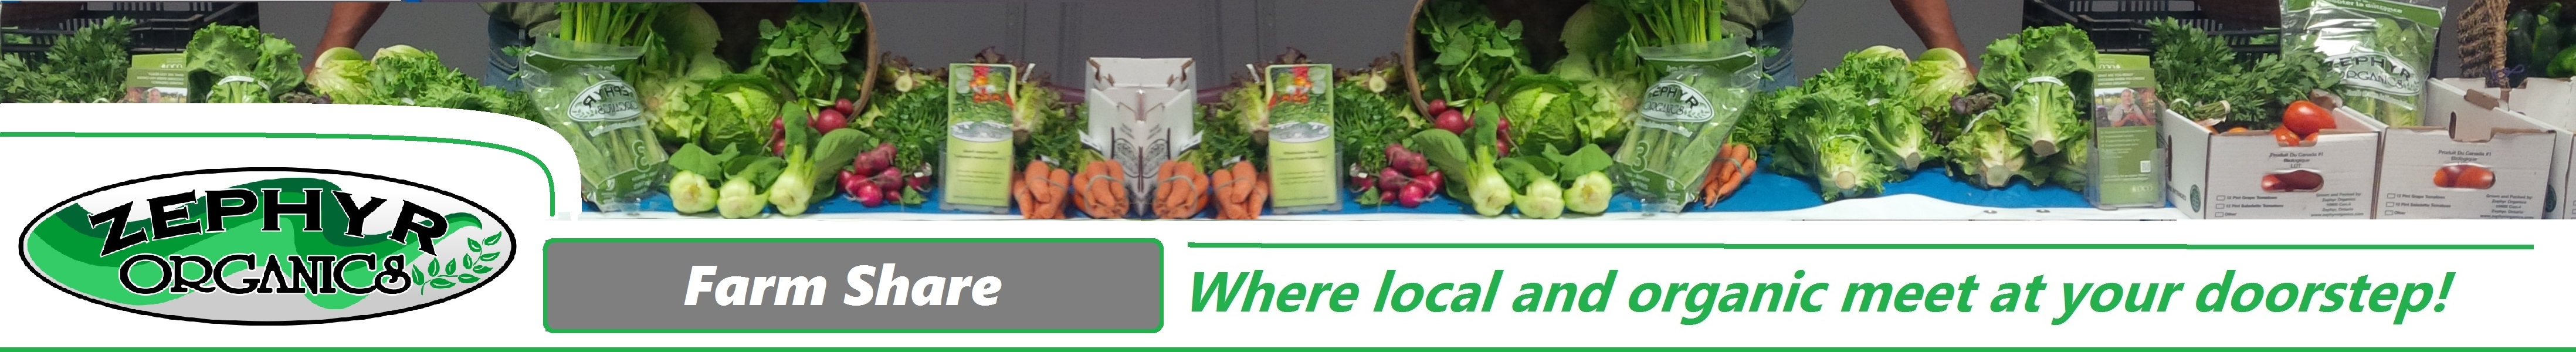 Zephyr Organics Farm Share